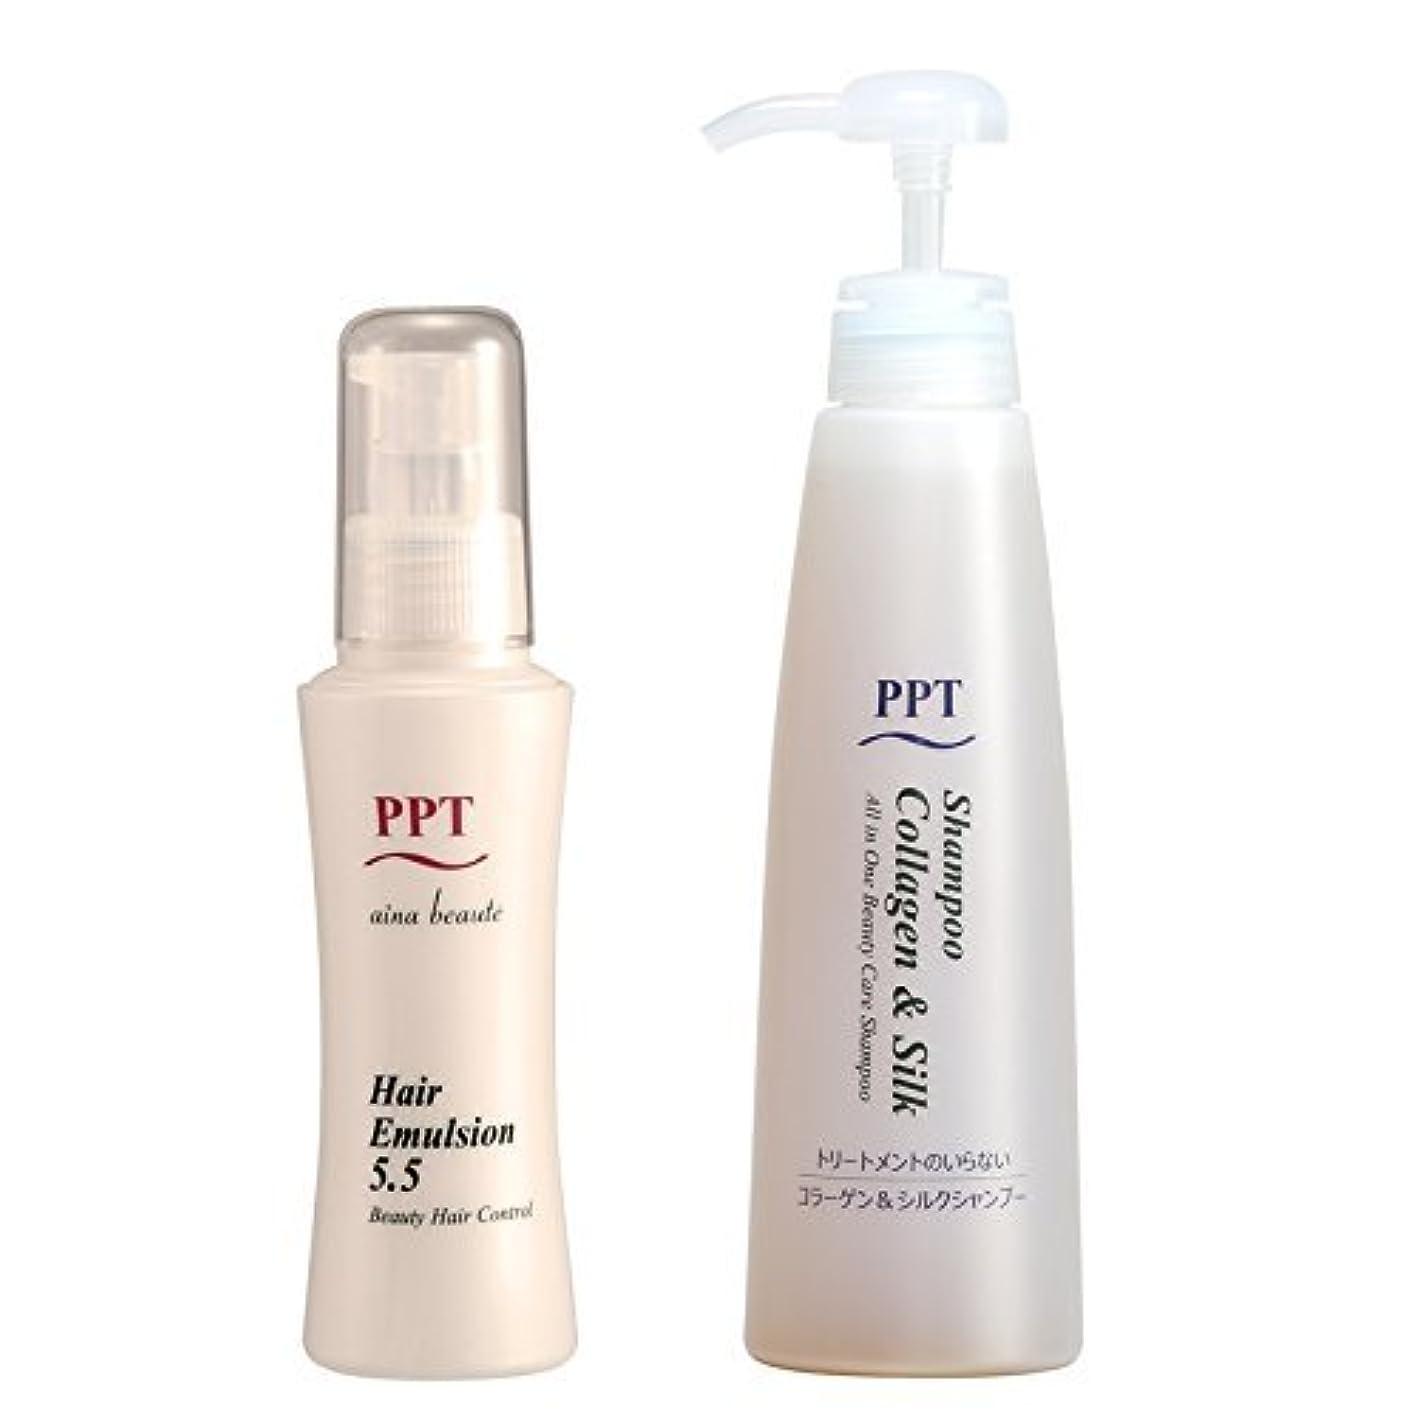 順応性のある打撃反発PPTコラーゲン&シルクシャンプー脂性肌~普通肌用(ふんわり)、PPTヘアエマルジョン5.5セット